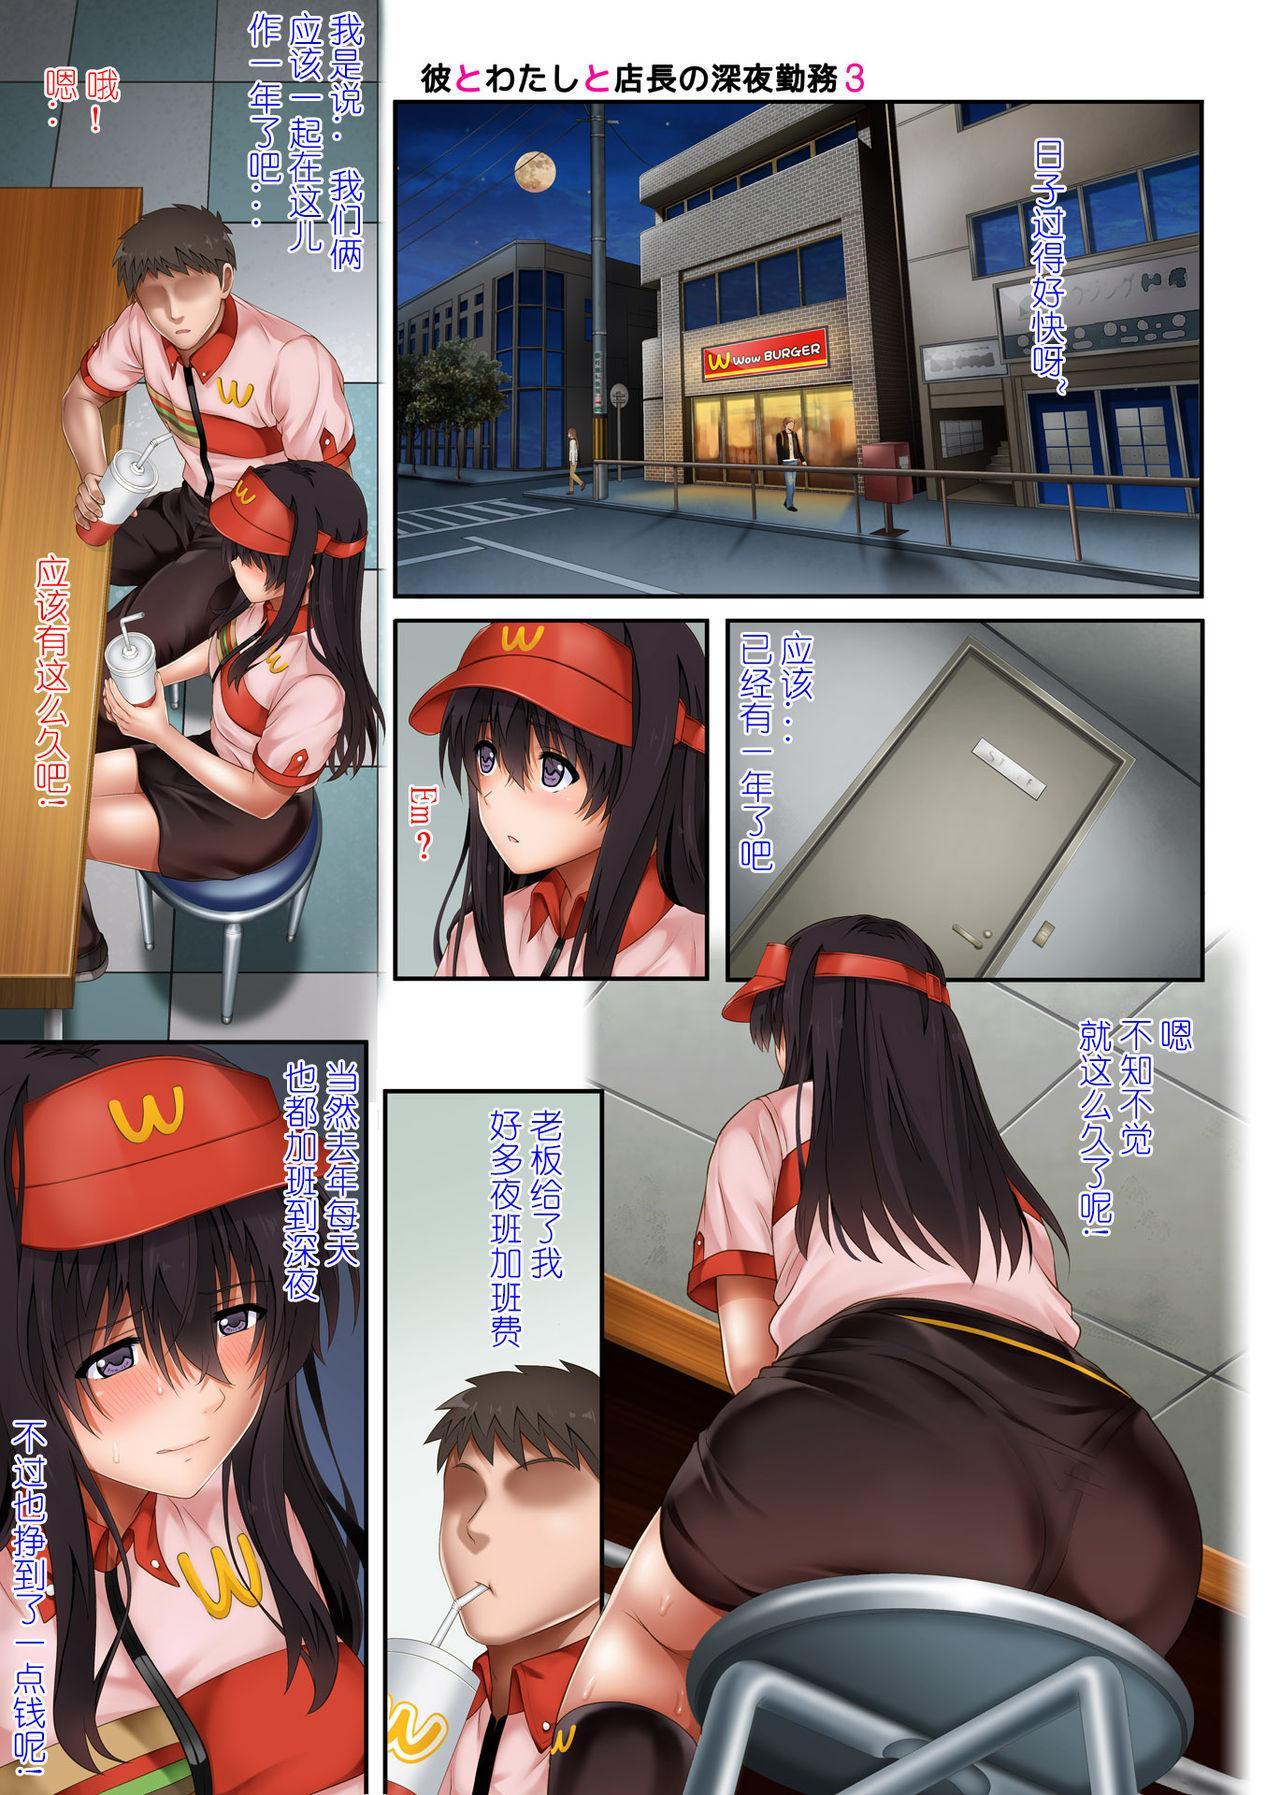 Kare to Watashi to Tenchou no Shinya Kinmu 3 3